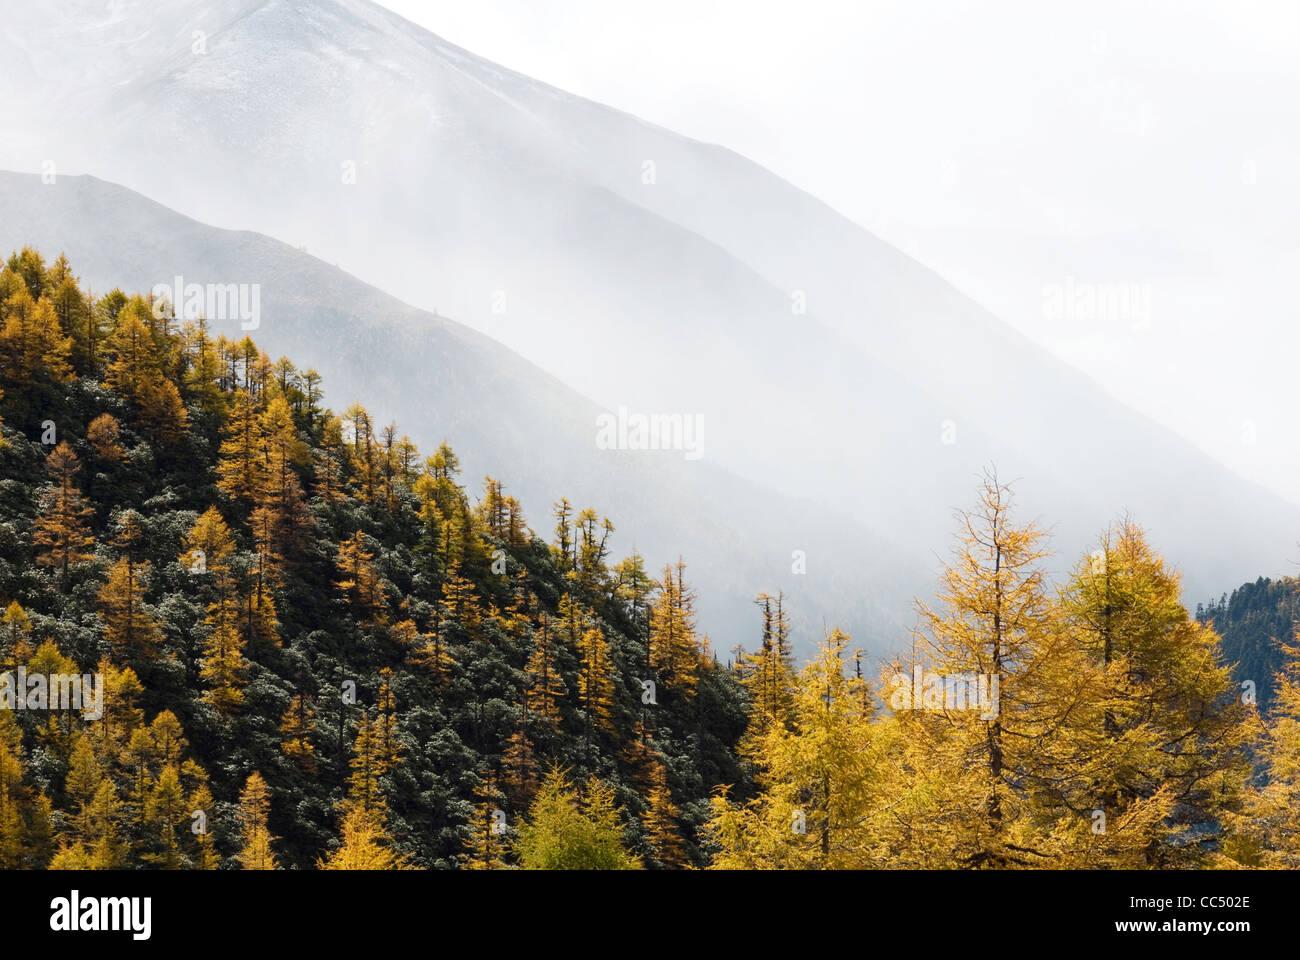 Bosco in montagna accanto a Bita Lake, Shangri-la, DiQing tibetano prefettura autonoma, Yunnan , Cina Immagini Stock